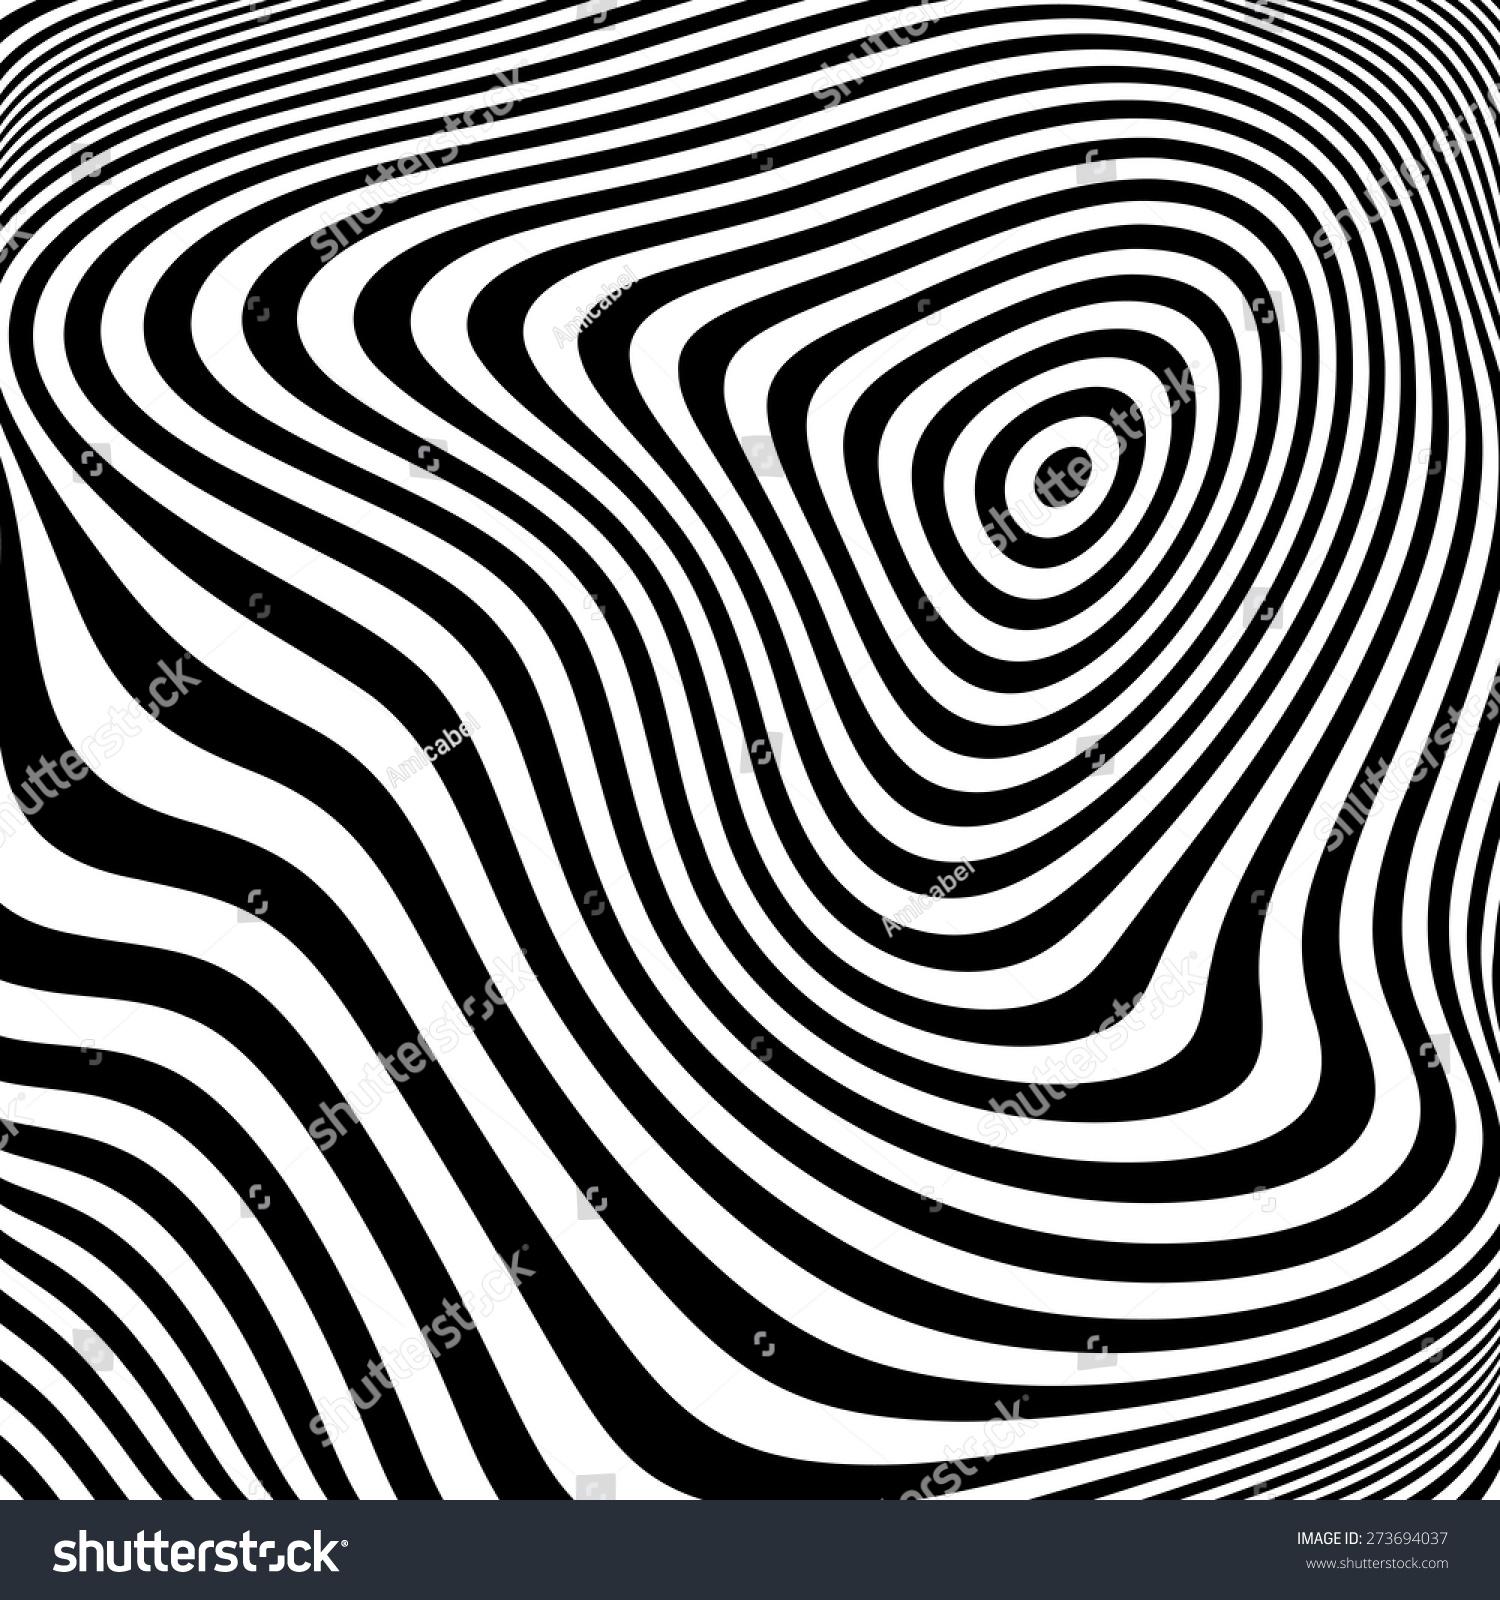 设计单色椭圆运动幻觉的背景.抽象条纹扭纹理